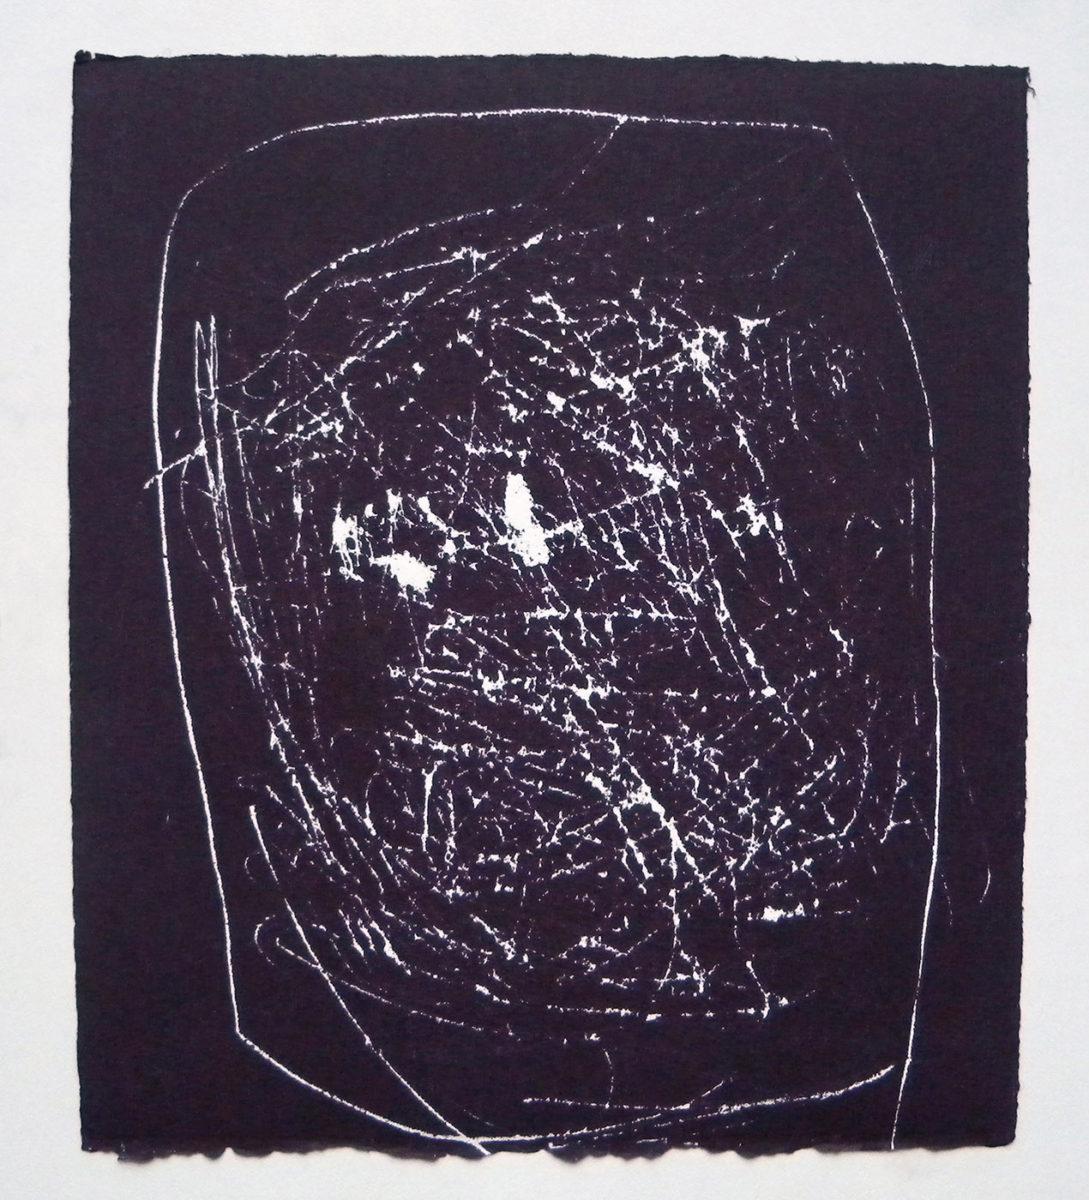 MARC FELD 2012 SONG FOR STEVE LACY 6 Gravure sur bois encre sur papier 25 x 26 cm (Tirage Patrick Vernet)